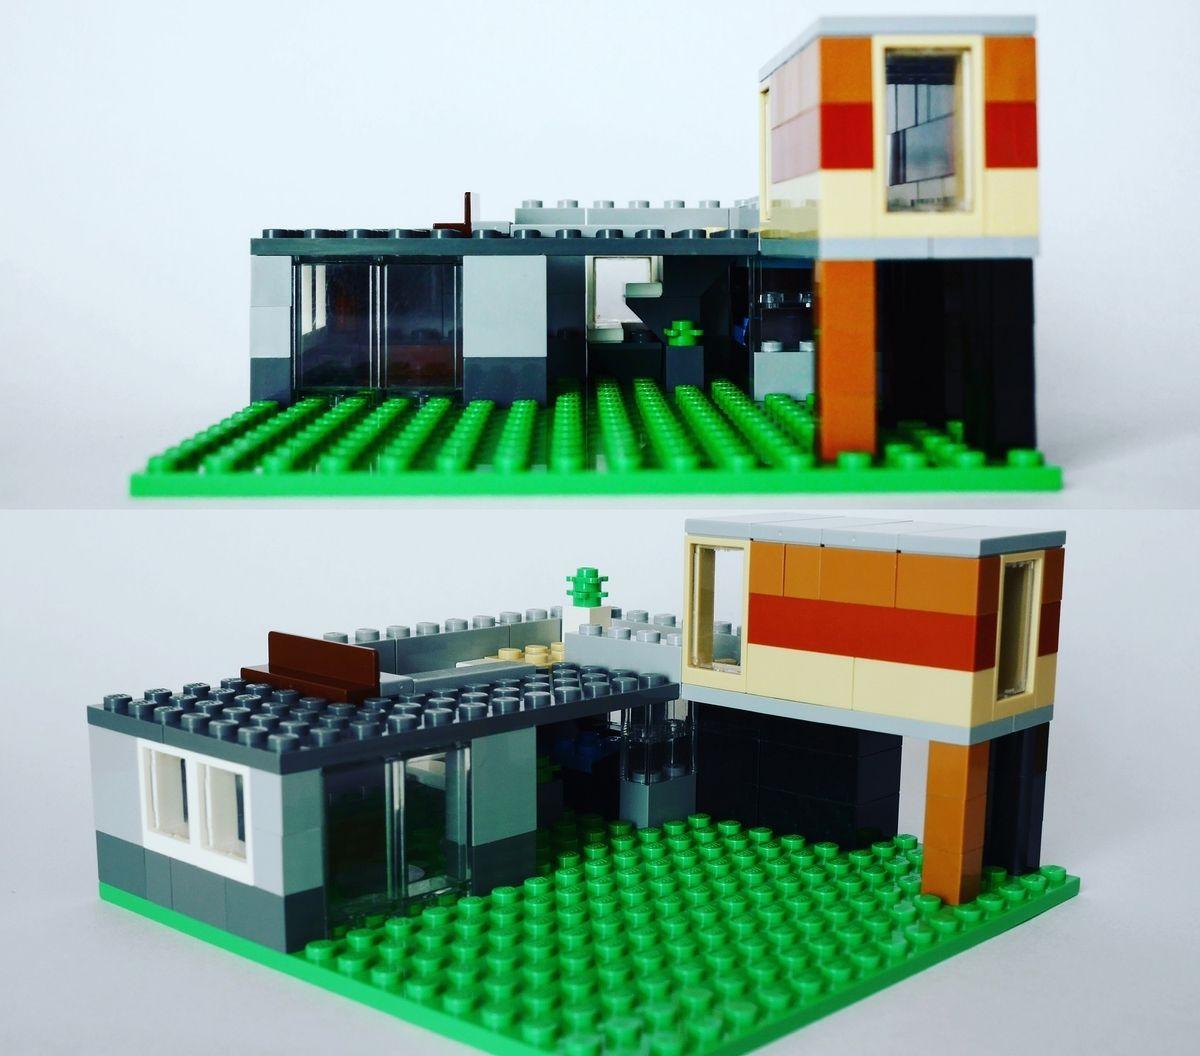 レゴ 家の作り方 Legoクラシック10698だけで作ったよ オリジナル説明